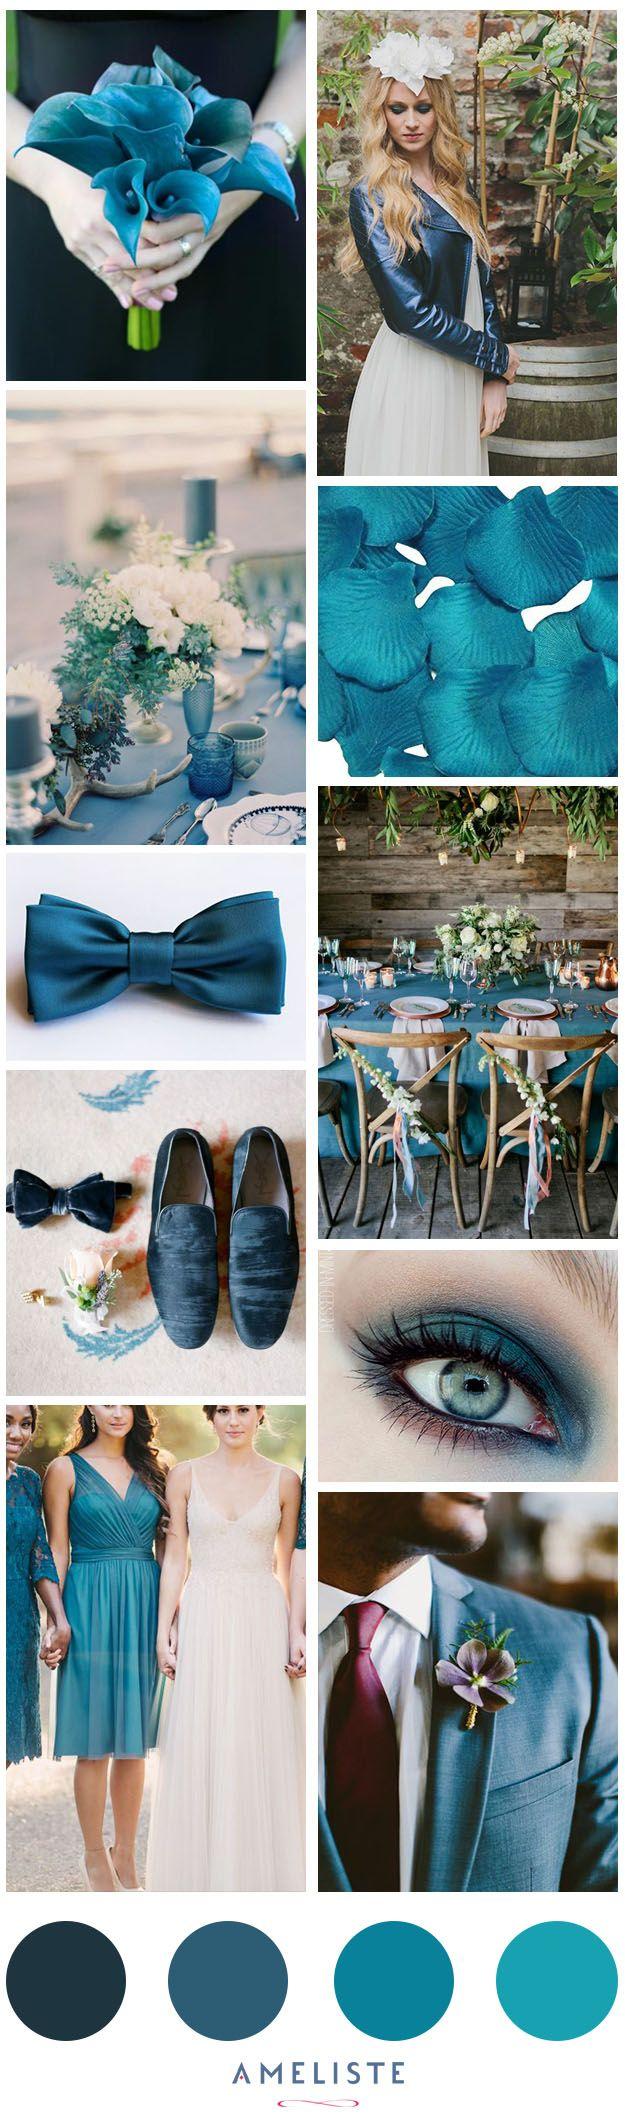 Inspiration Couleur Bleu Petrole Pour Mariage Tendance